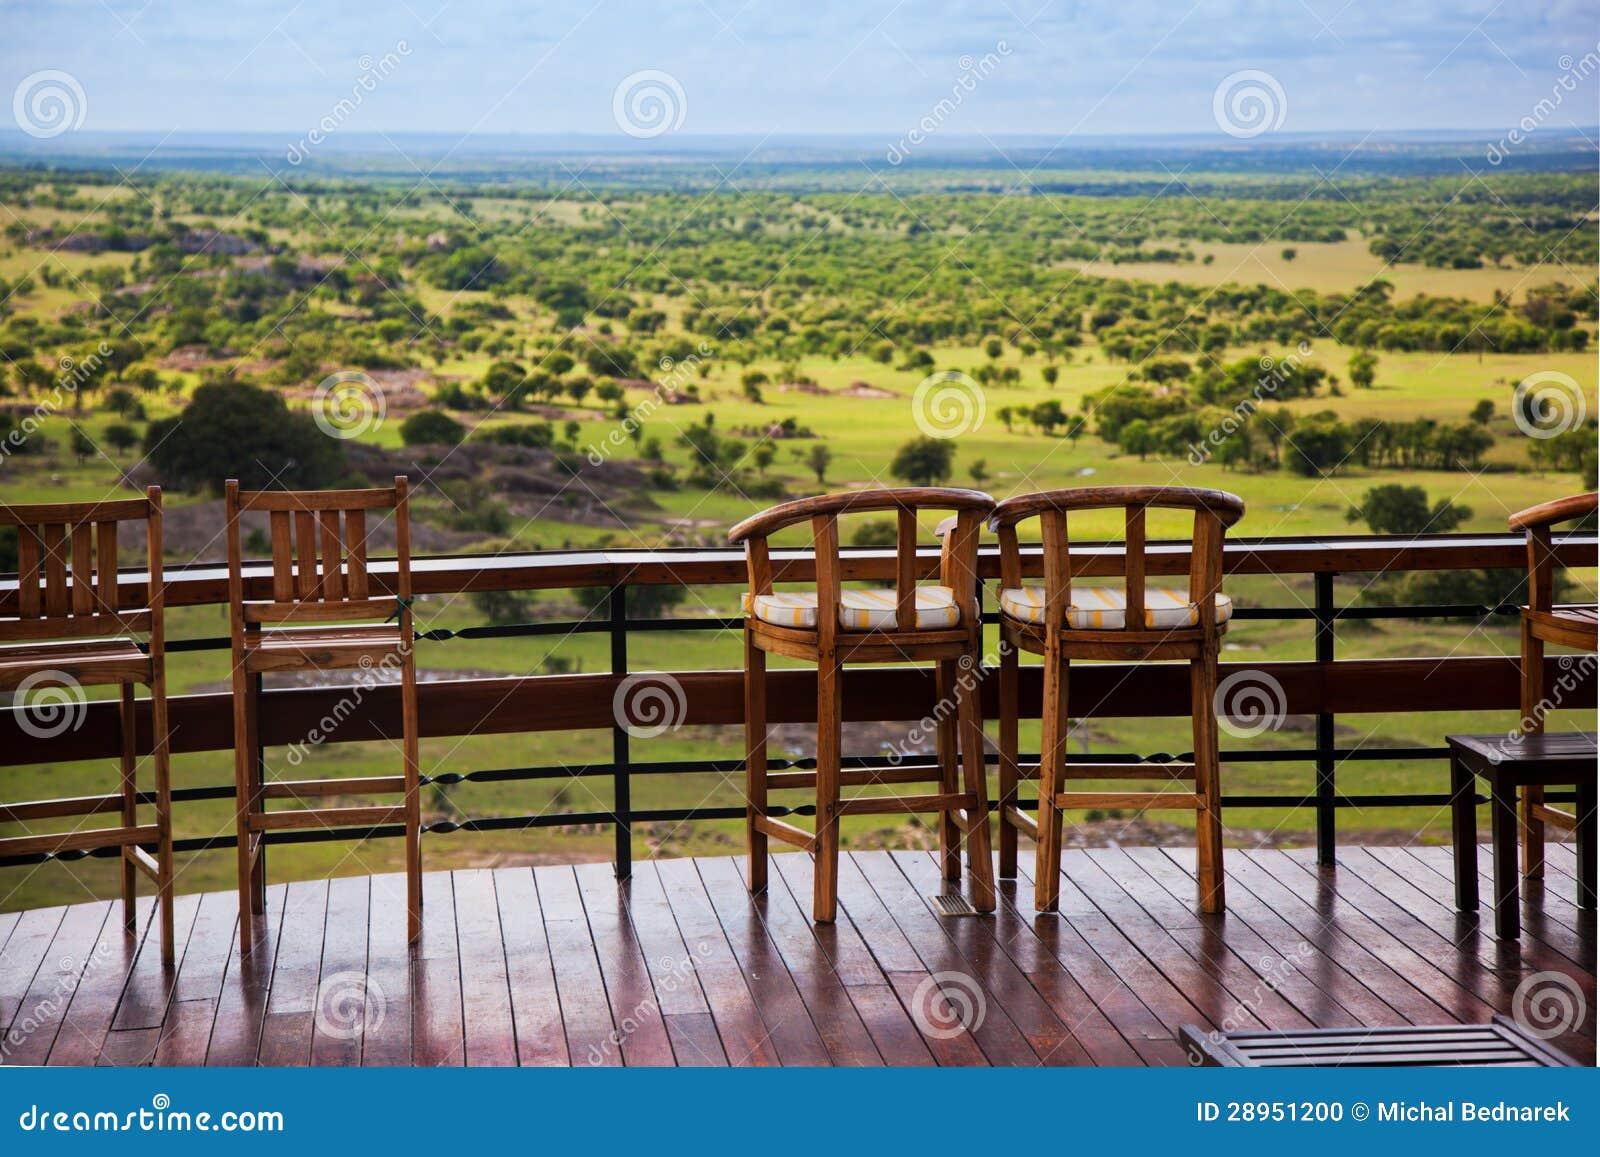 Krzesła na tarasie. Sawanna krajobraz w Serengeti, Tanzania, Afryka